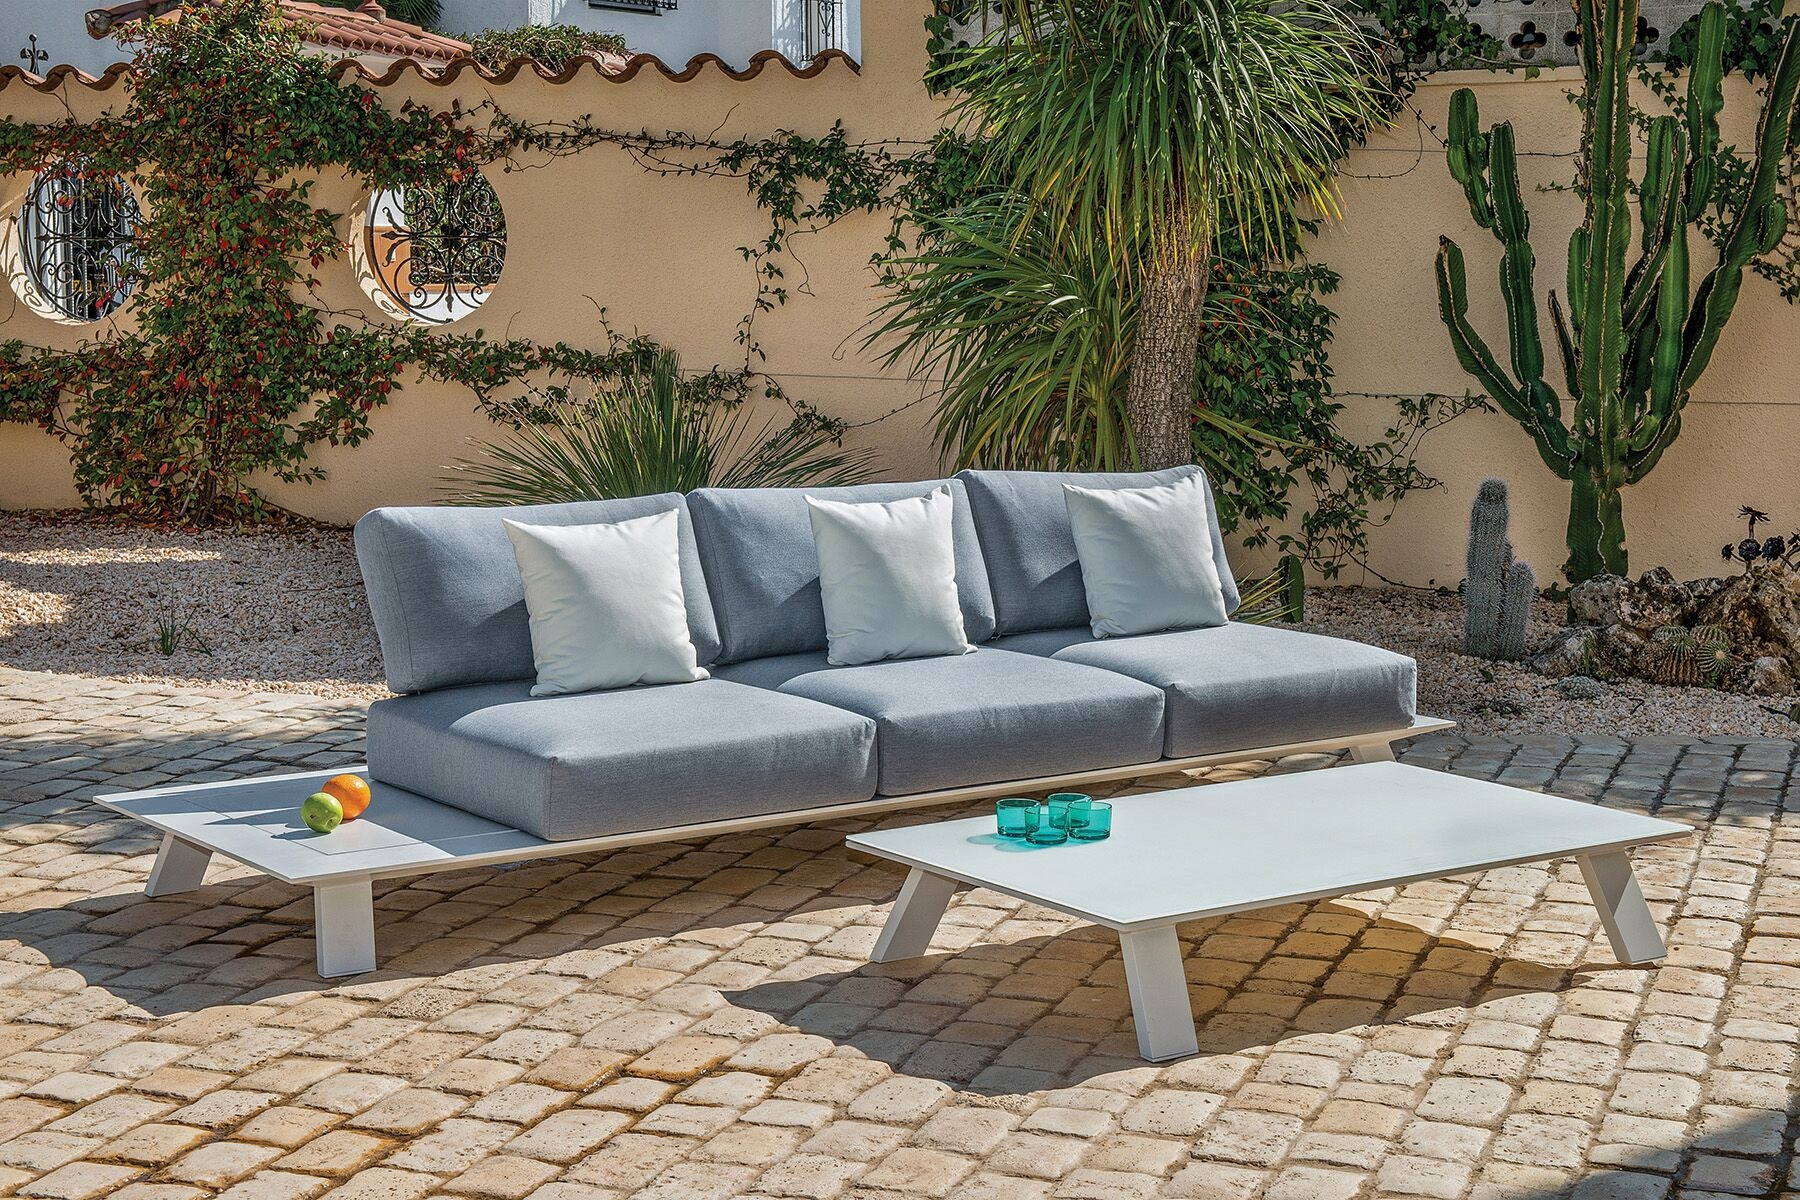 Salon de jardin modulable en aluminium et acrylique ...